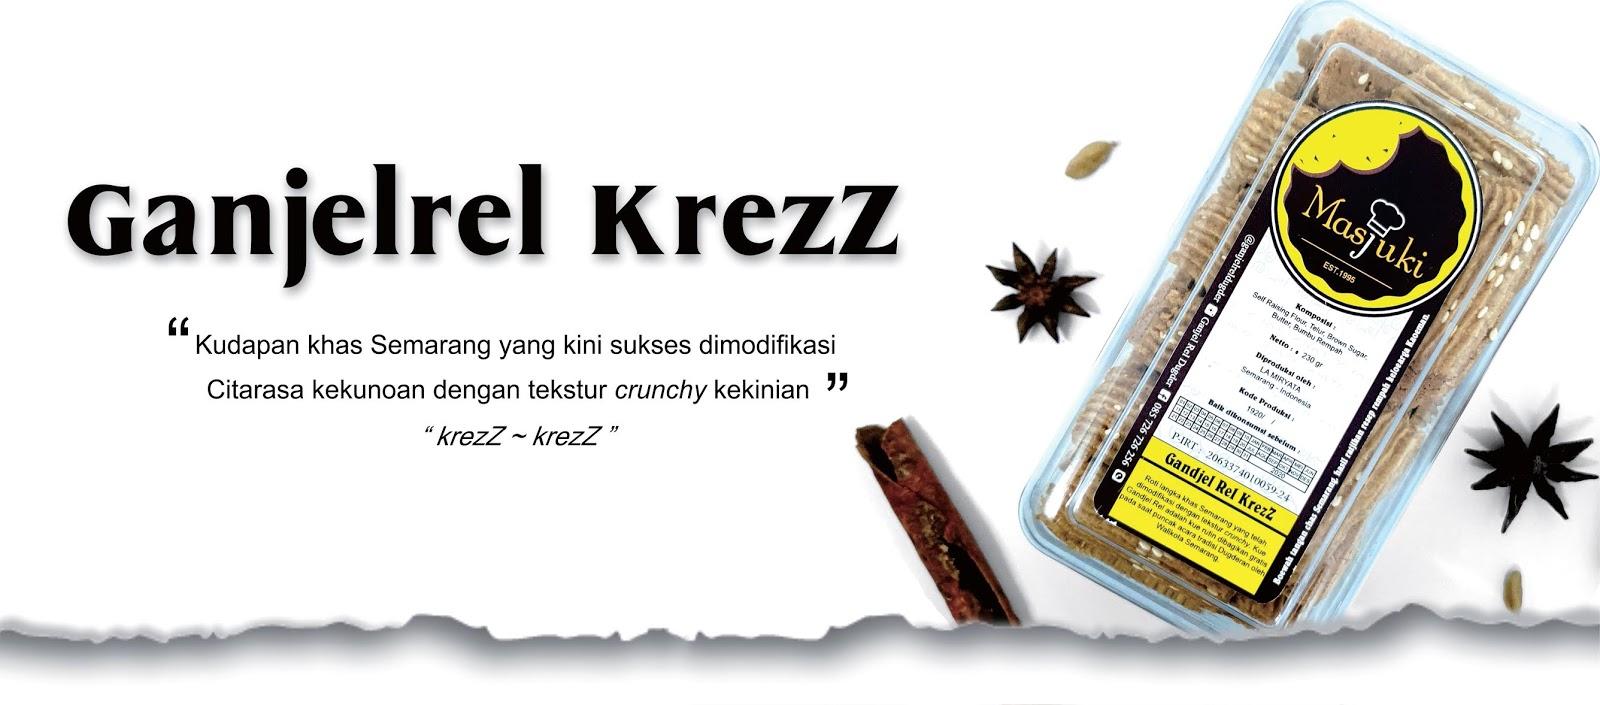 Ganjel Rel Semarang, Ganjel Rel Dugderan, Ganjel Rel Dugderan Semarang, Ganjel Rel 2021, Ganjel Rel 2020, Produsen Ganjel Rel, Oleh-oleh Semarang